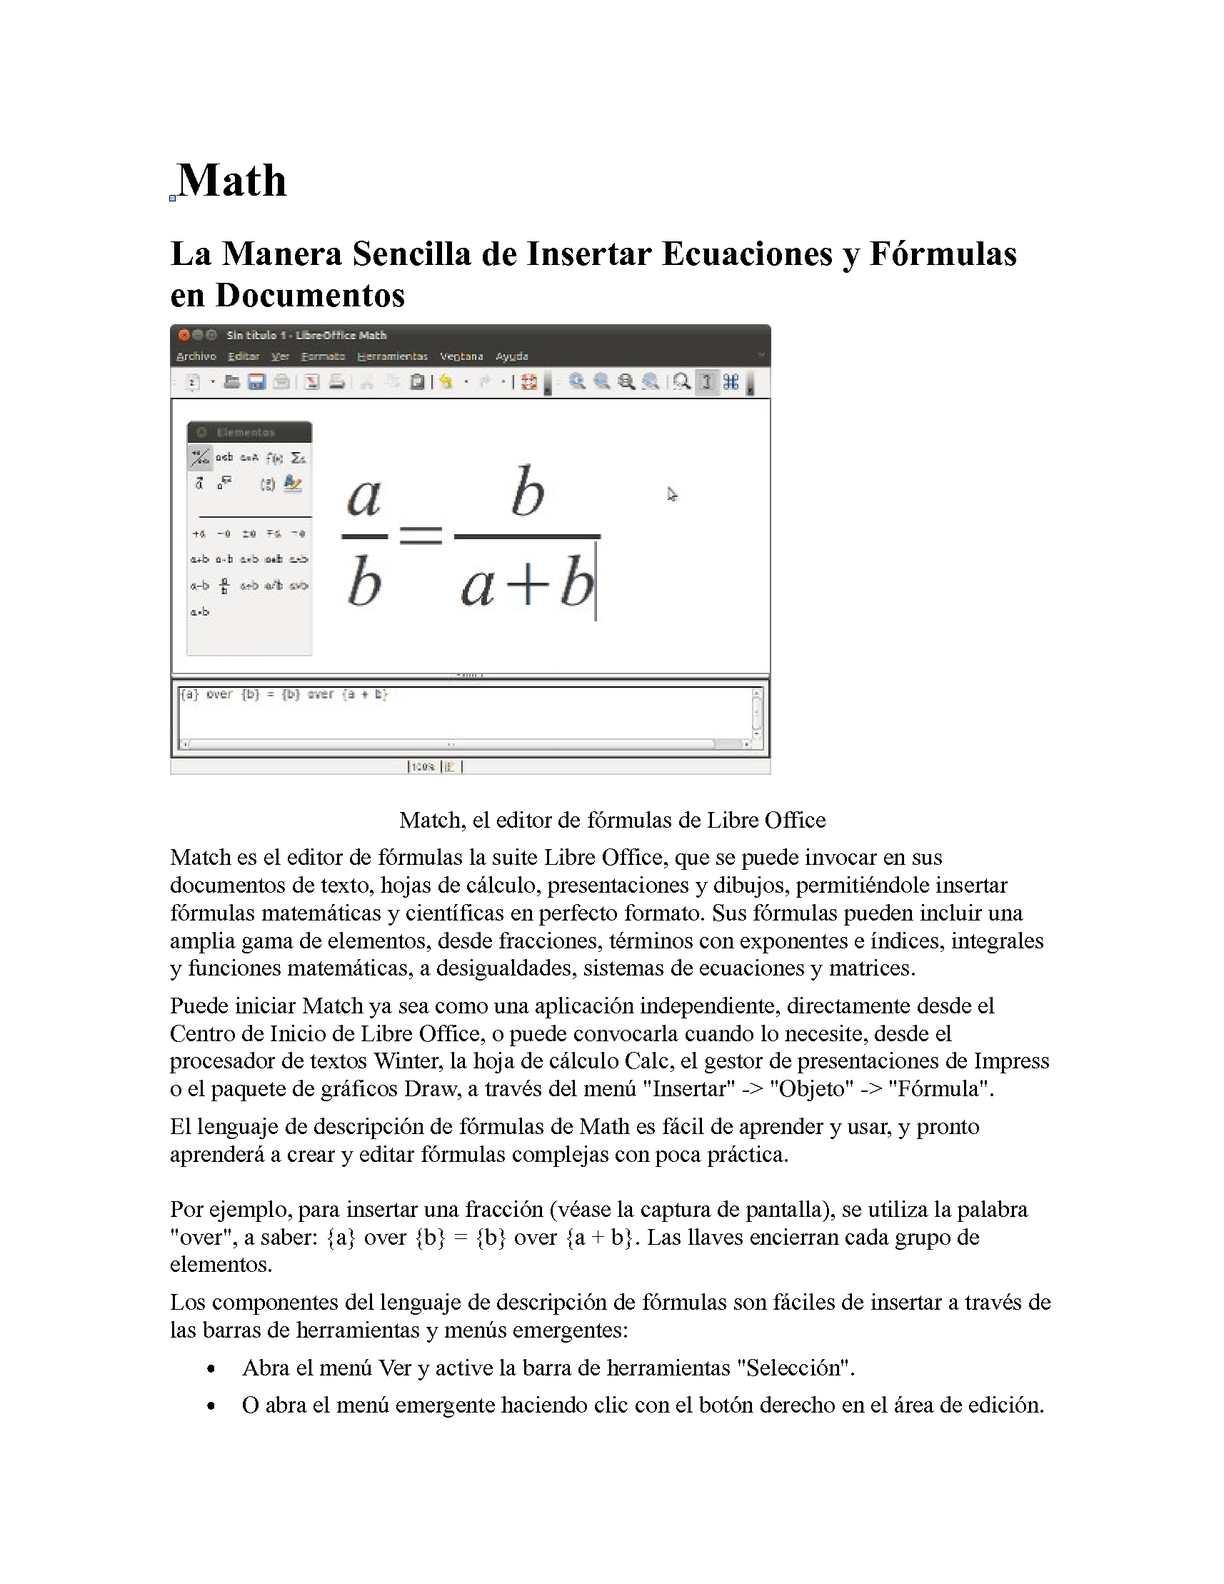 Encantador Fracciones Complejas Hoja De Cálculo Modelo - hojas de ...